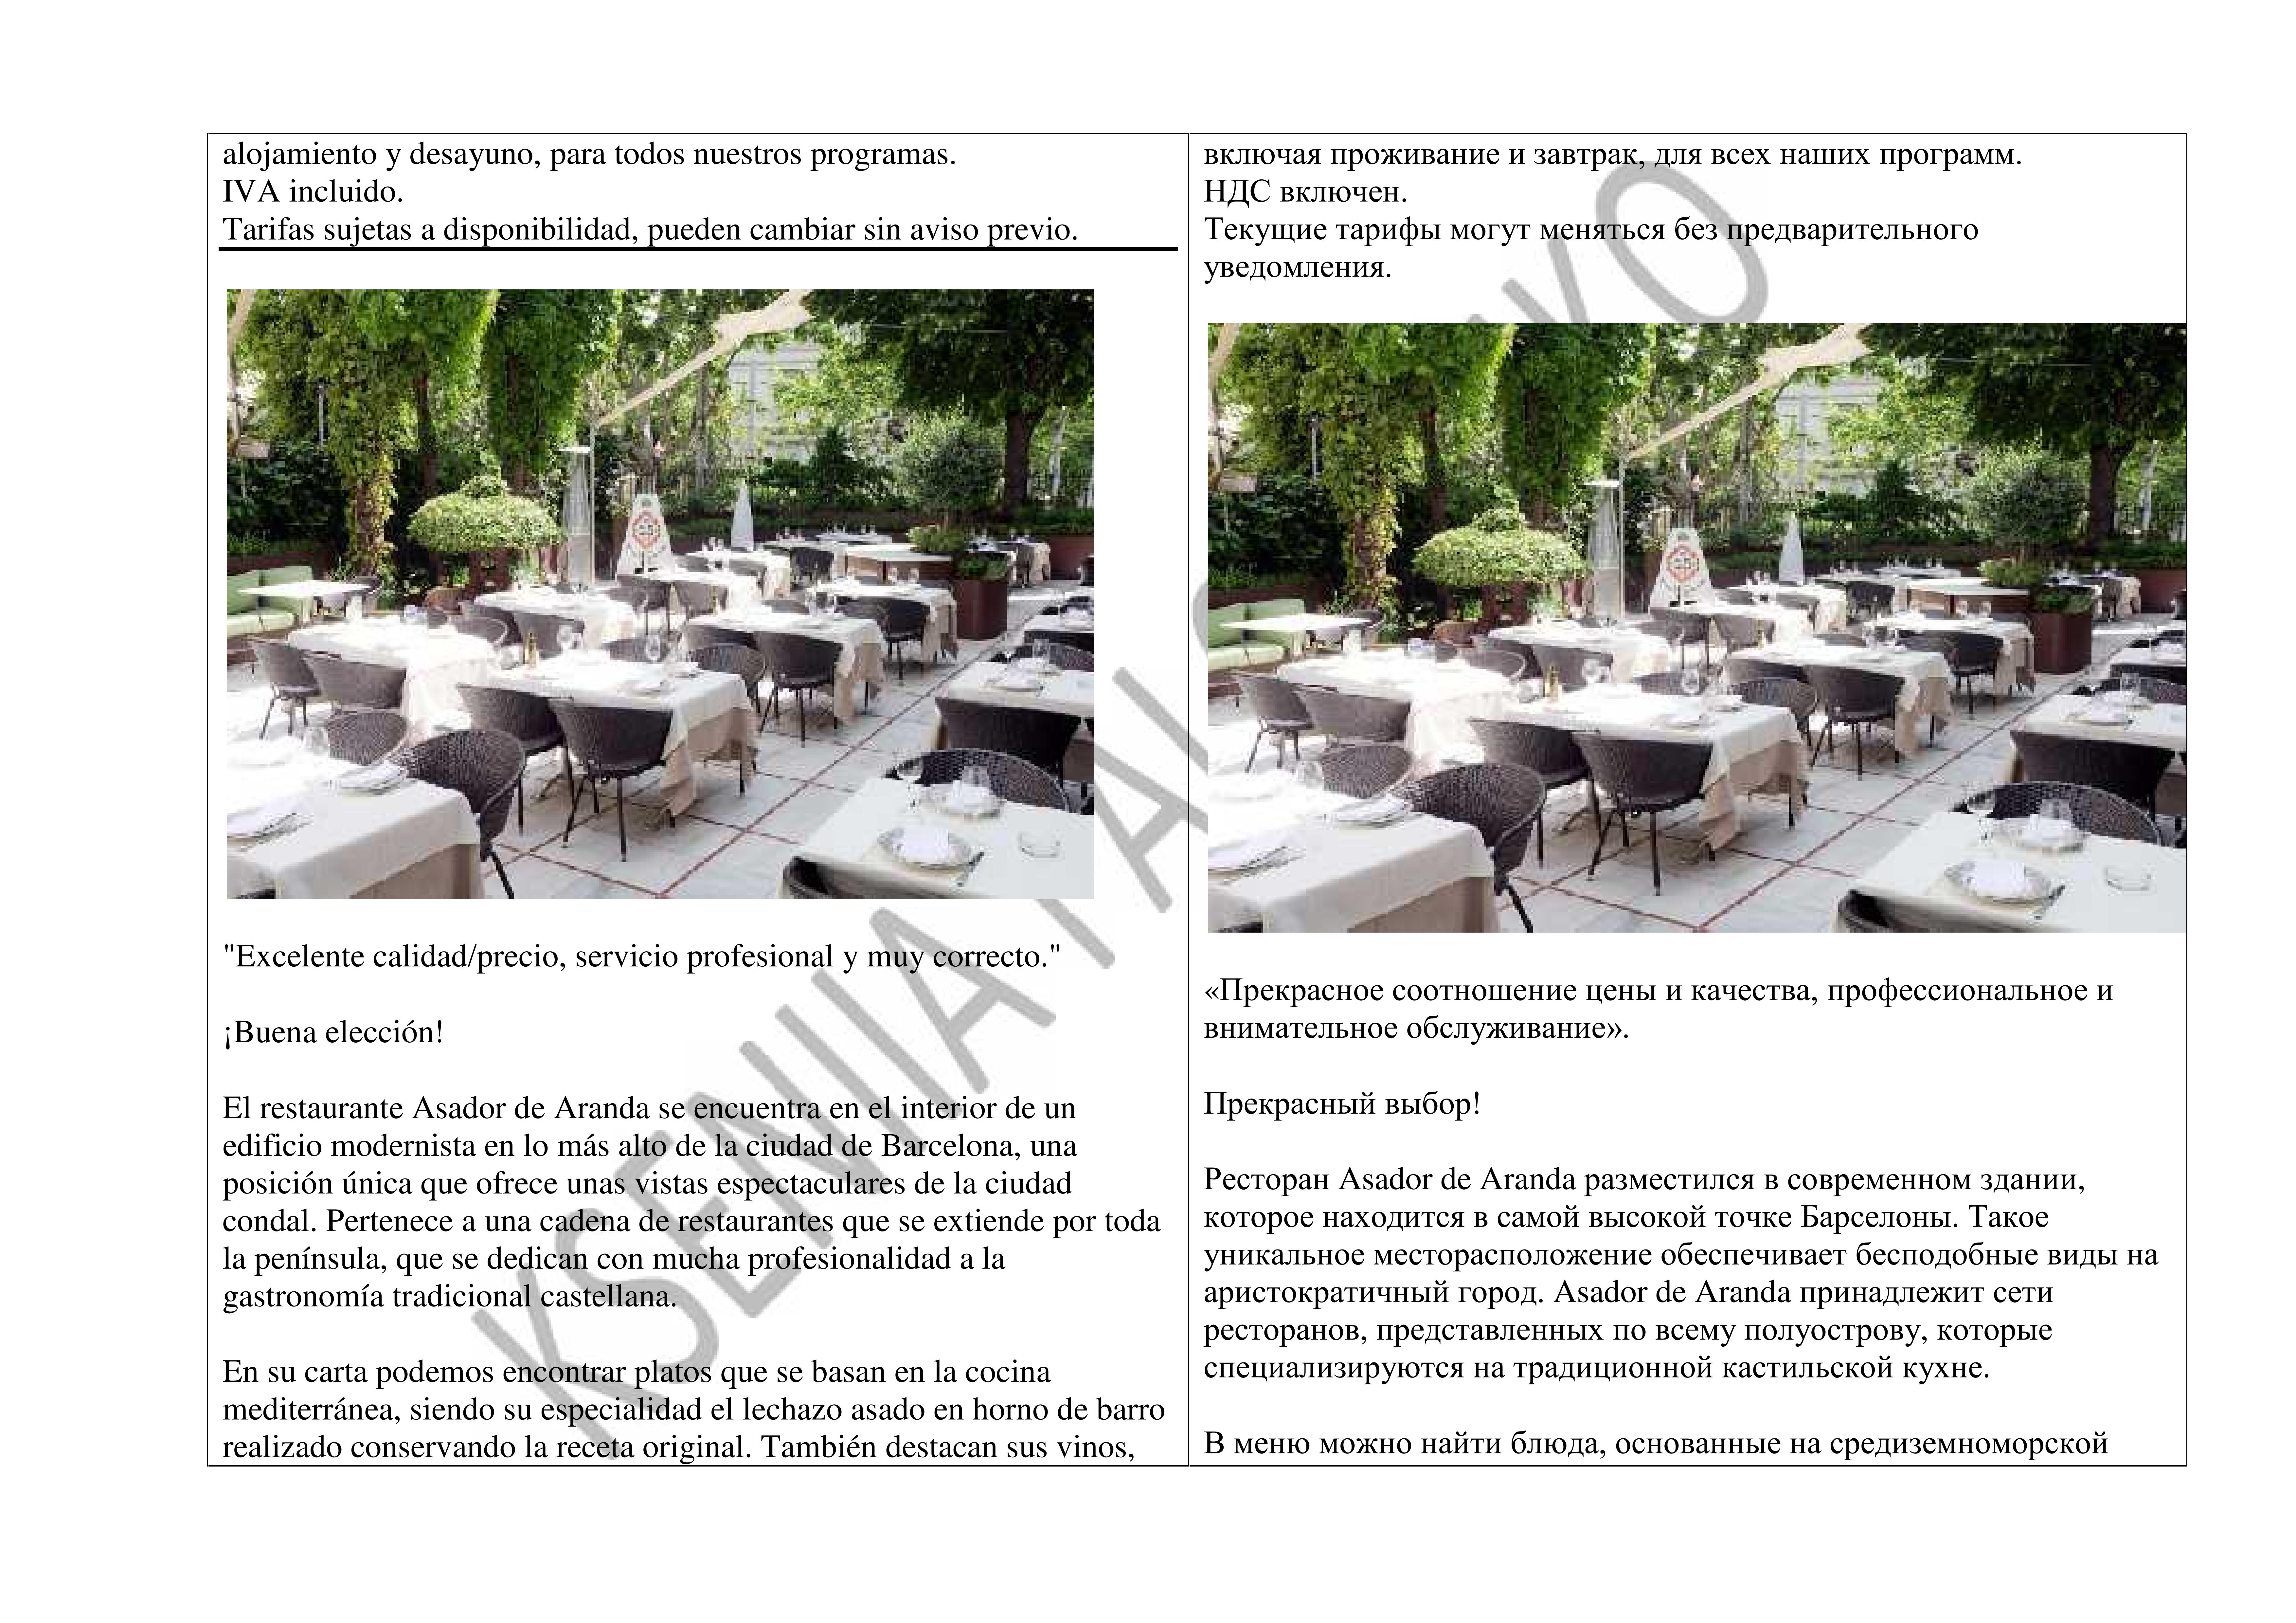 Испанский: перевод на русский, гостинично-ресторанный бизнес